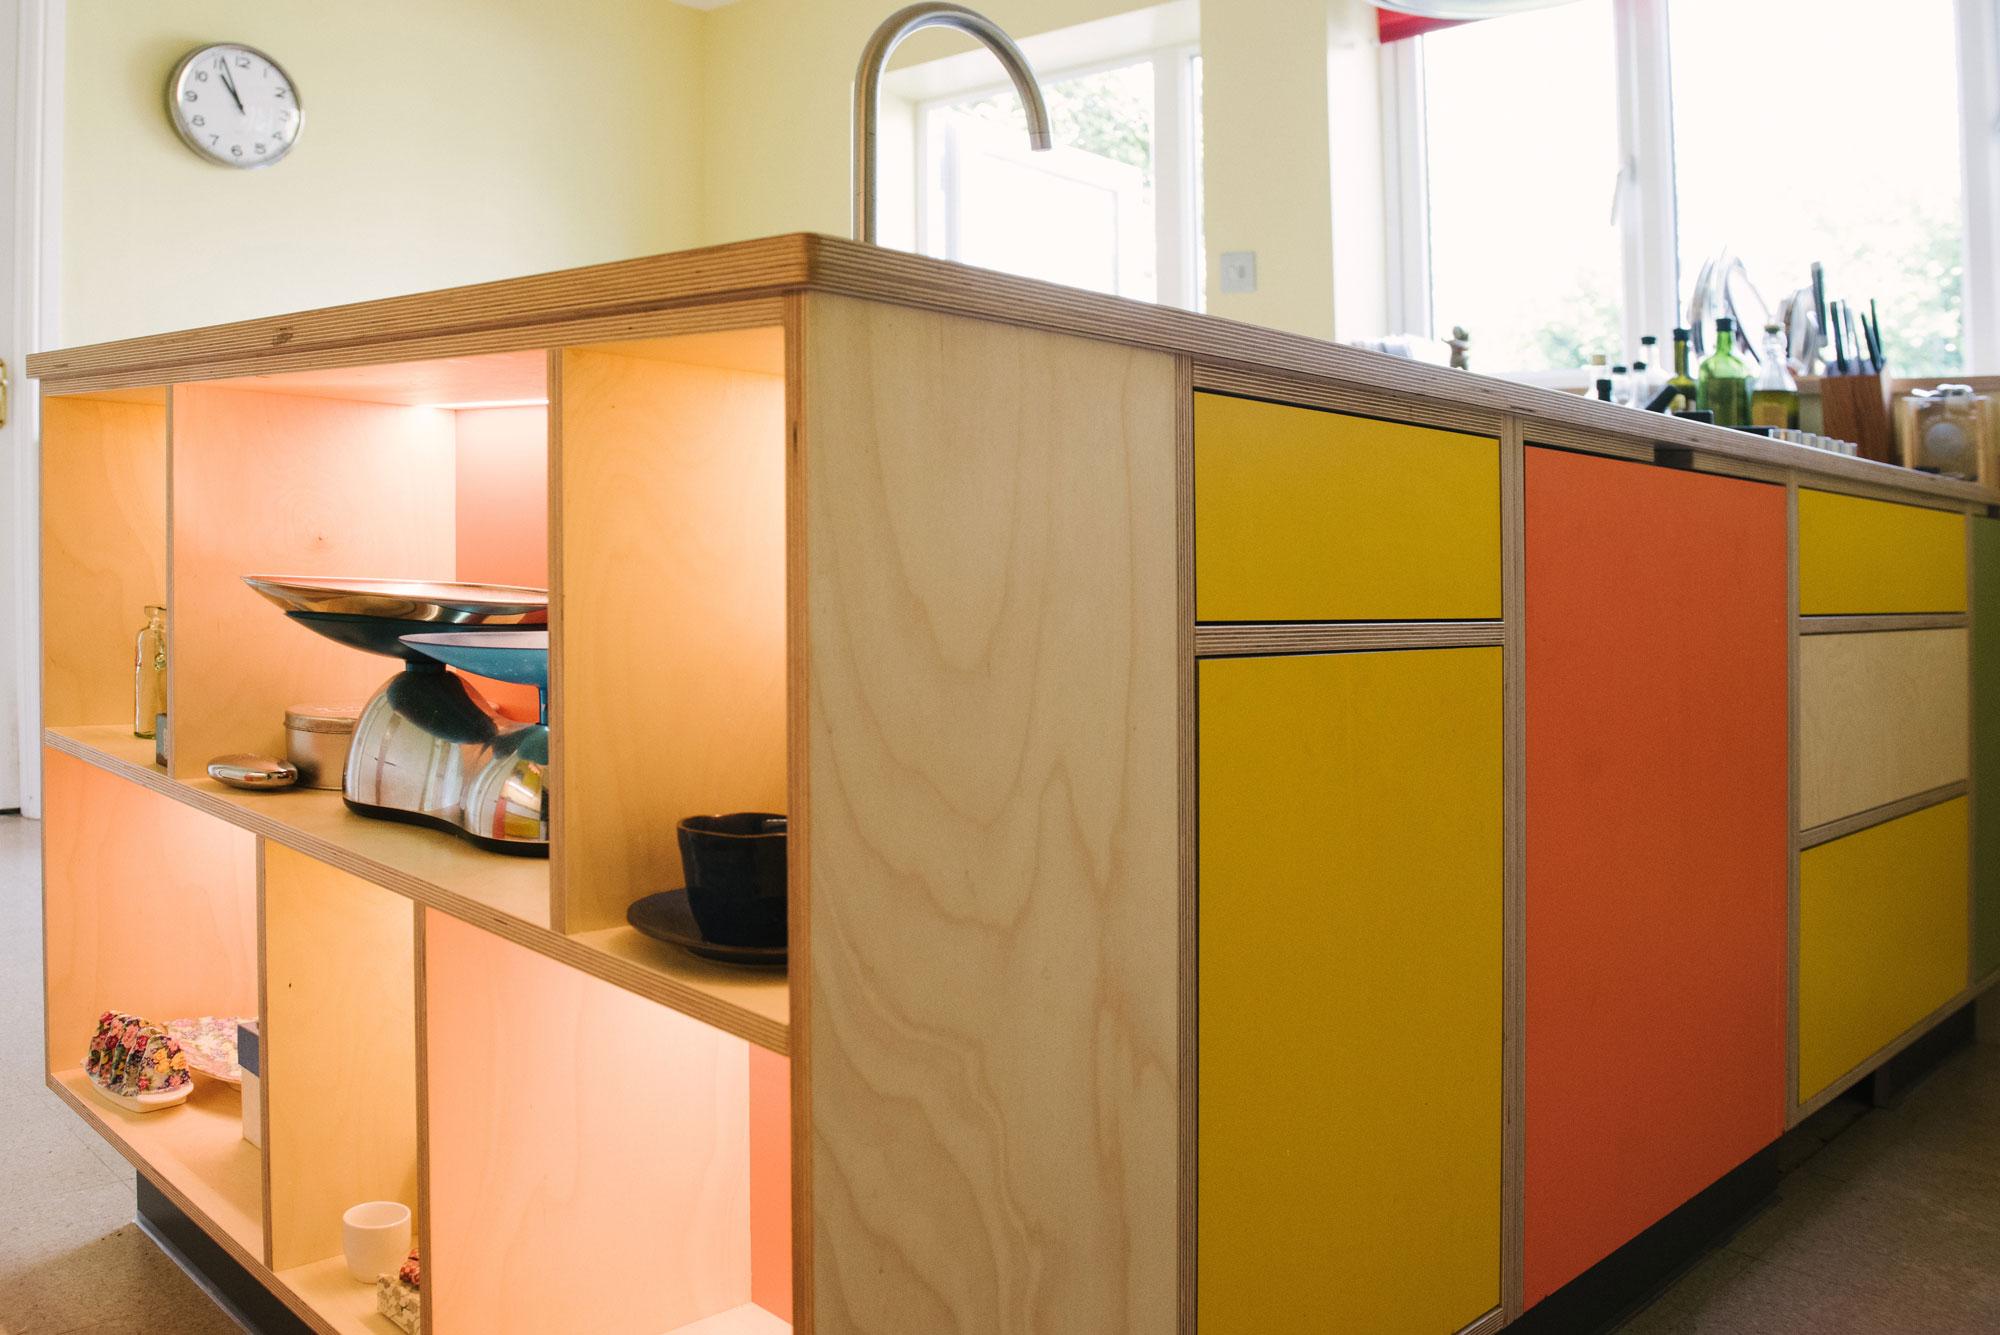 Handleless kitchen doors